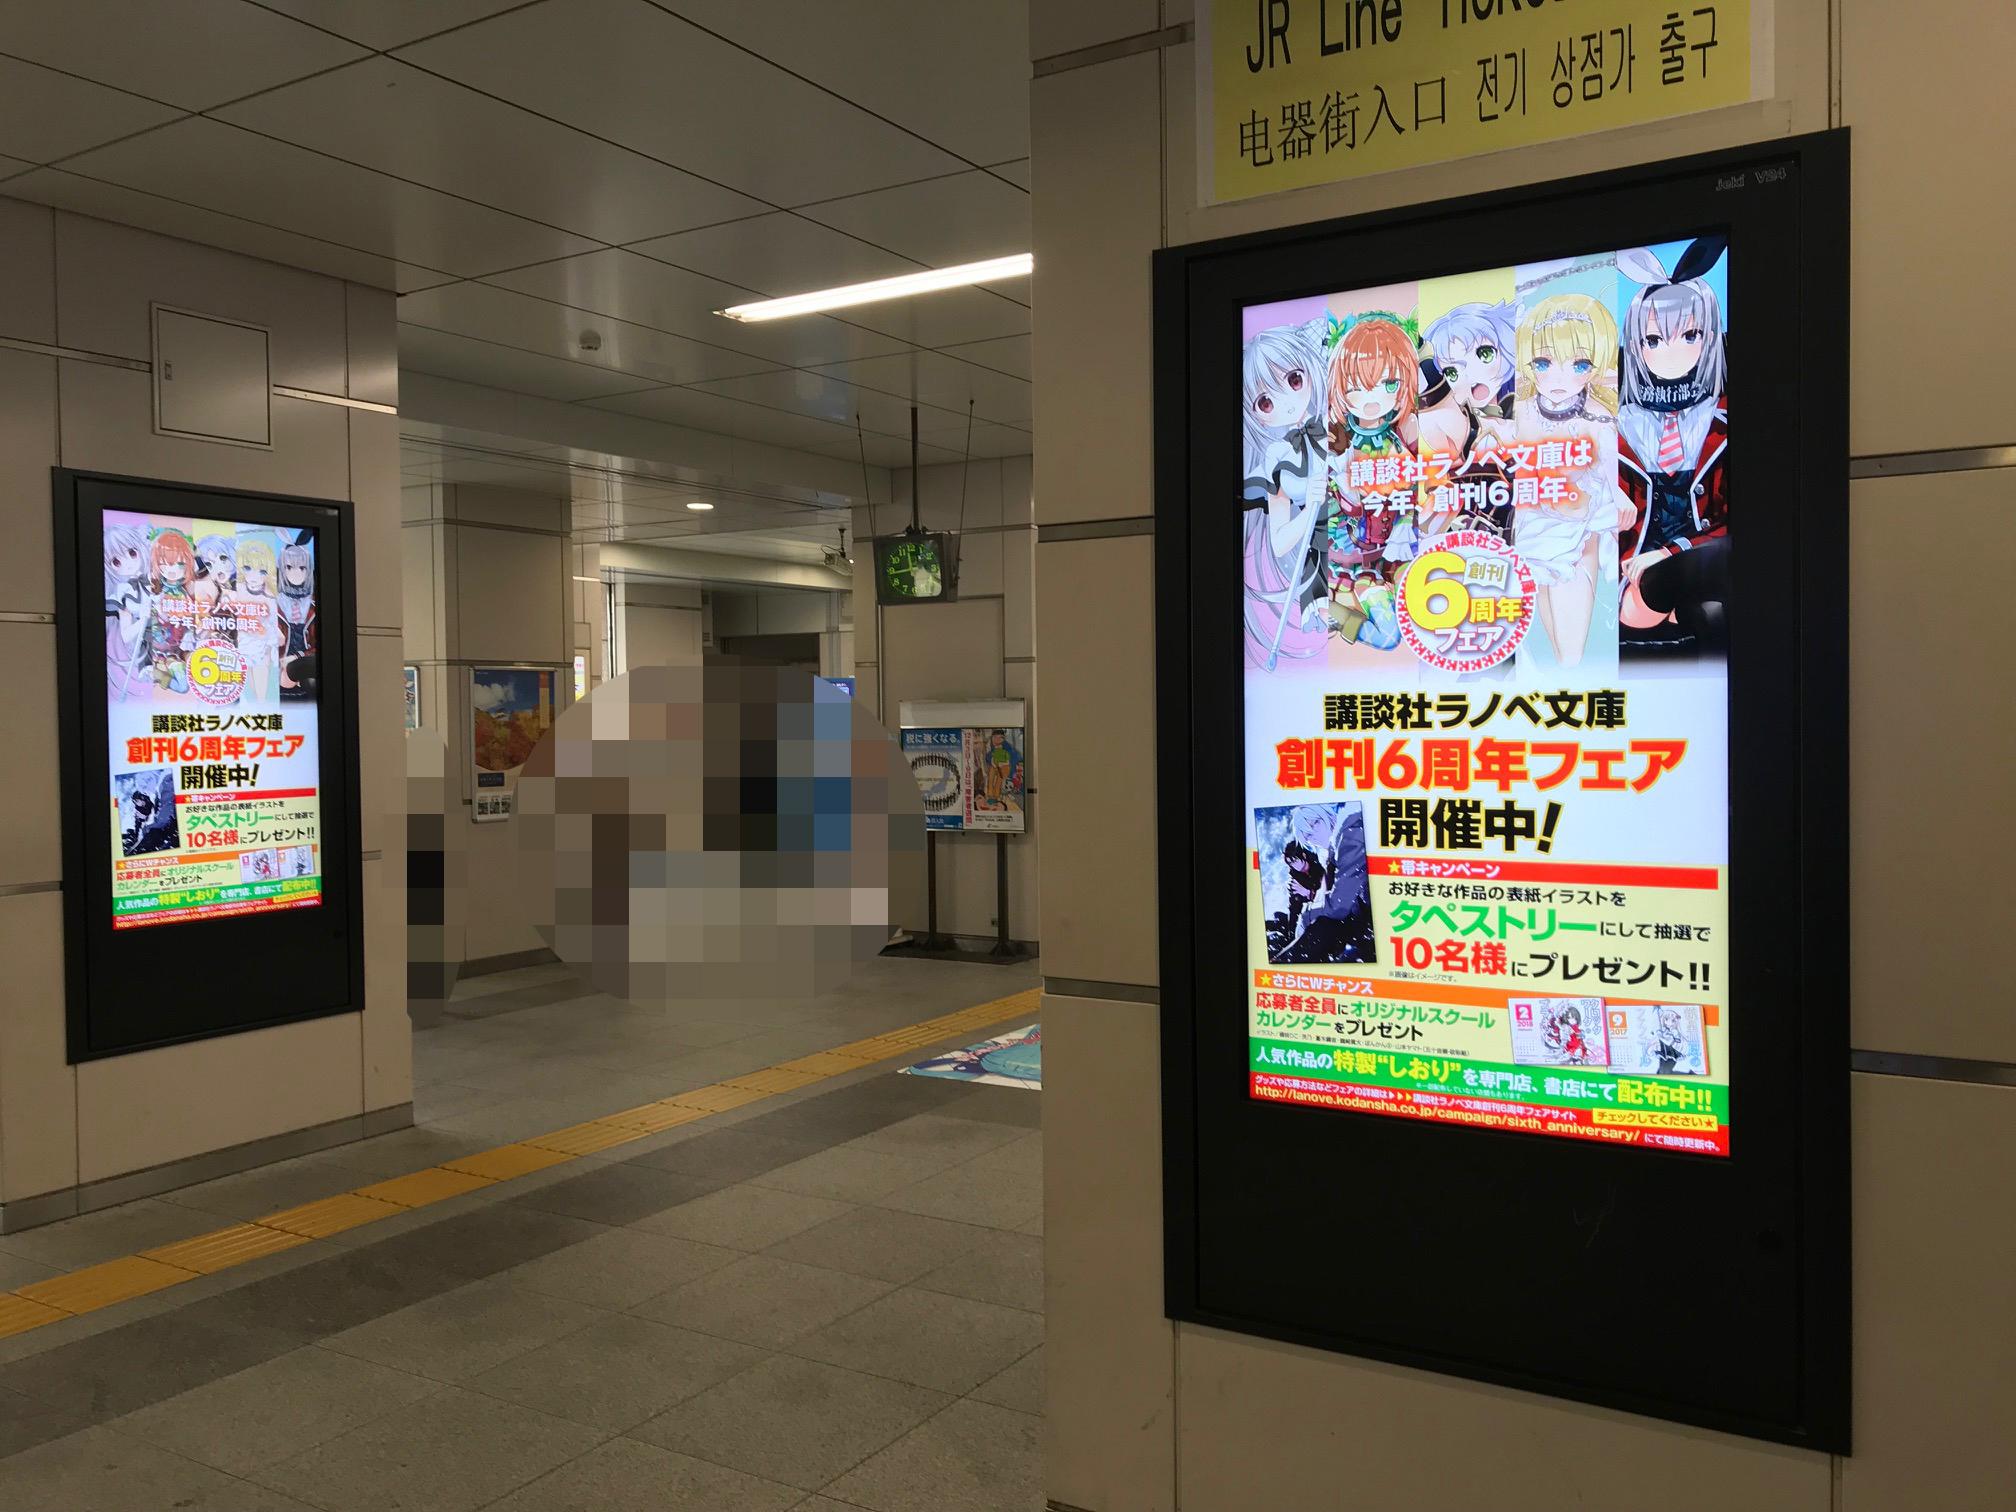 K_6thfair_JRakihabara_AD_2